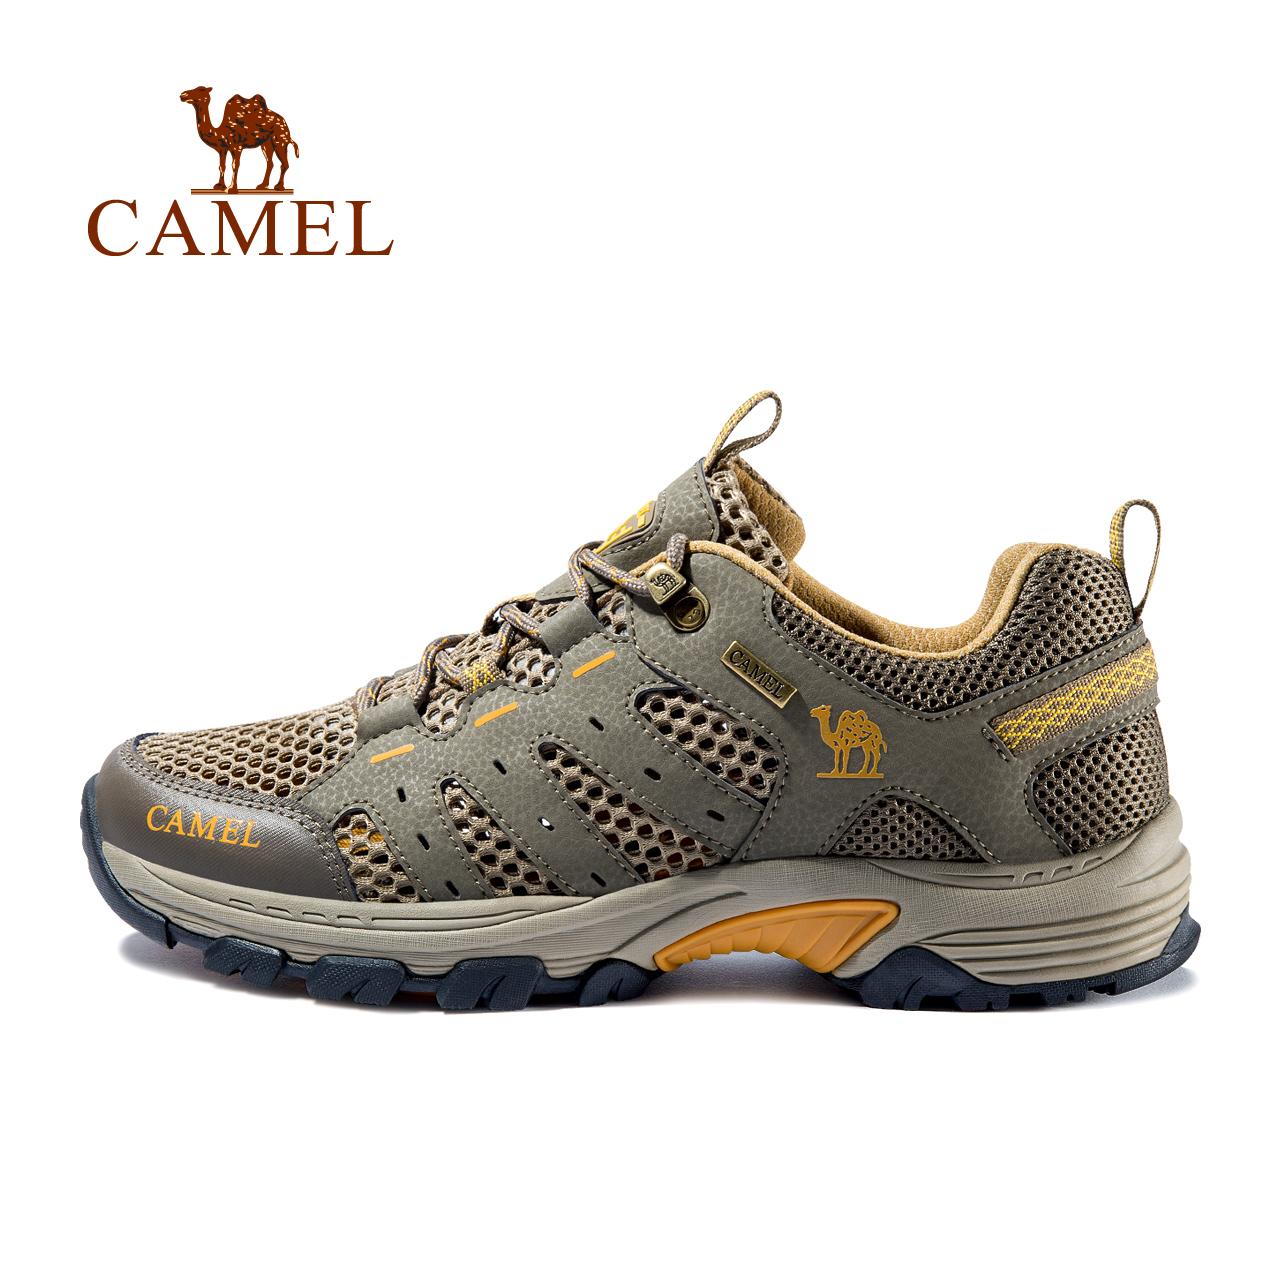 【2019新品】駱駝戶外登山鞋男女輕便透氣防滑耐磨旅游爬山徒步鞋